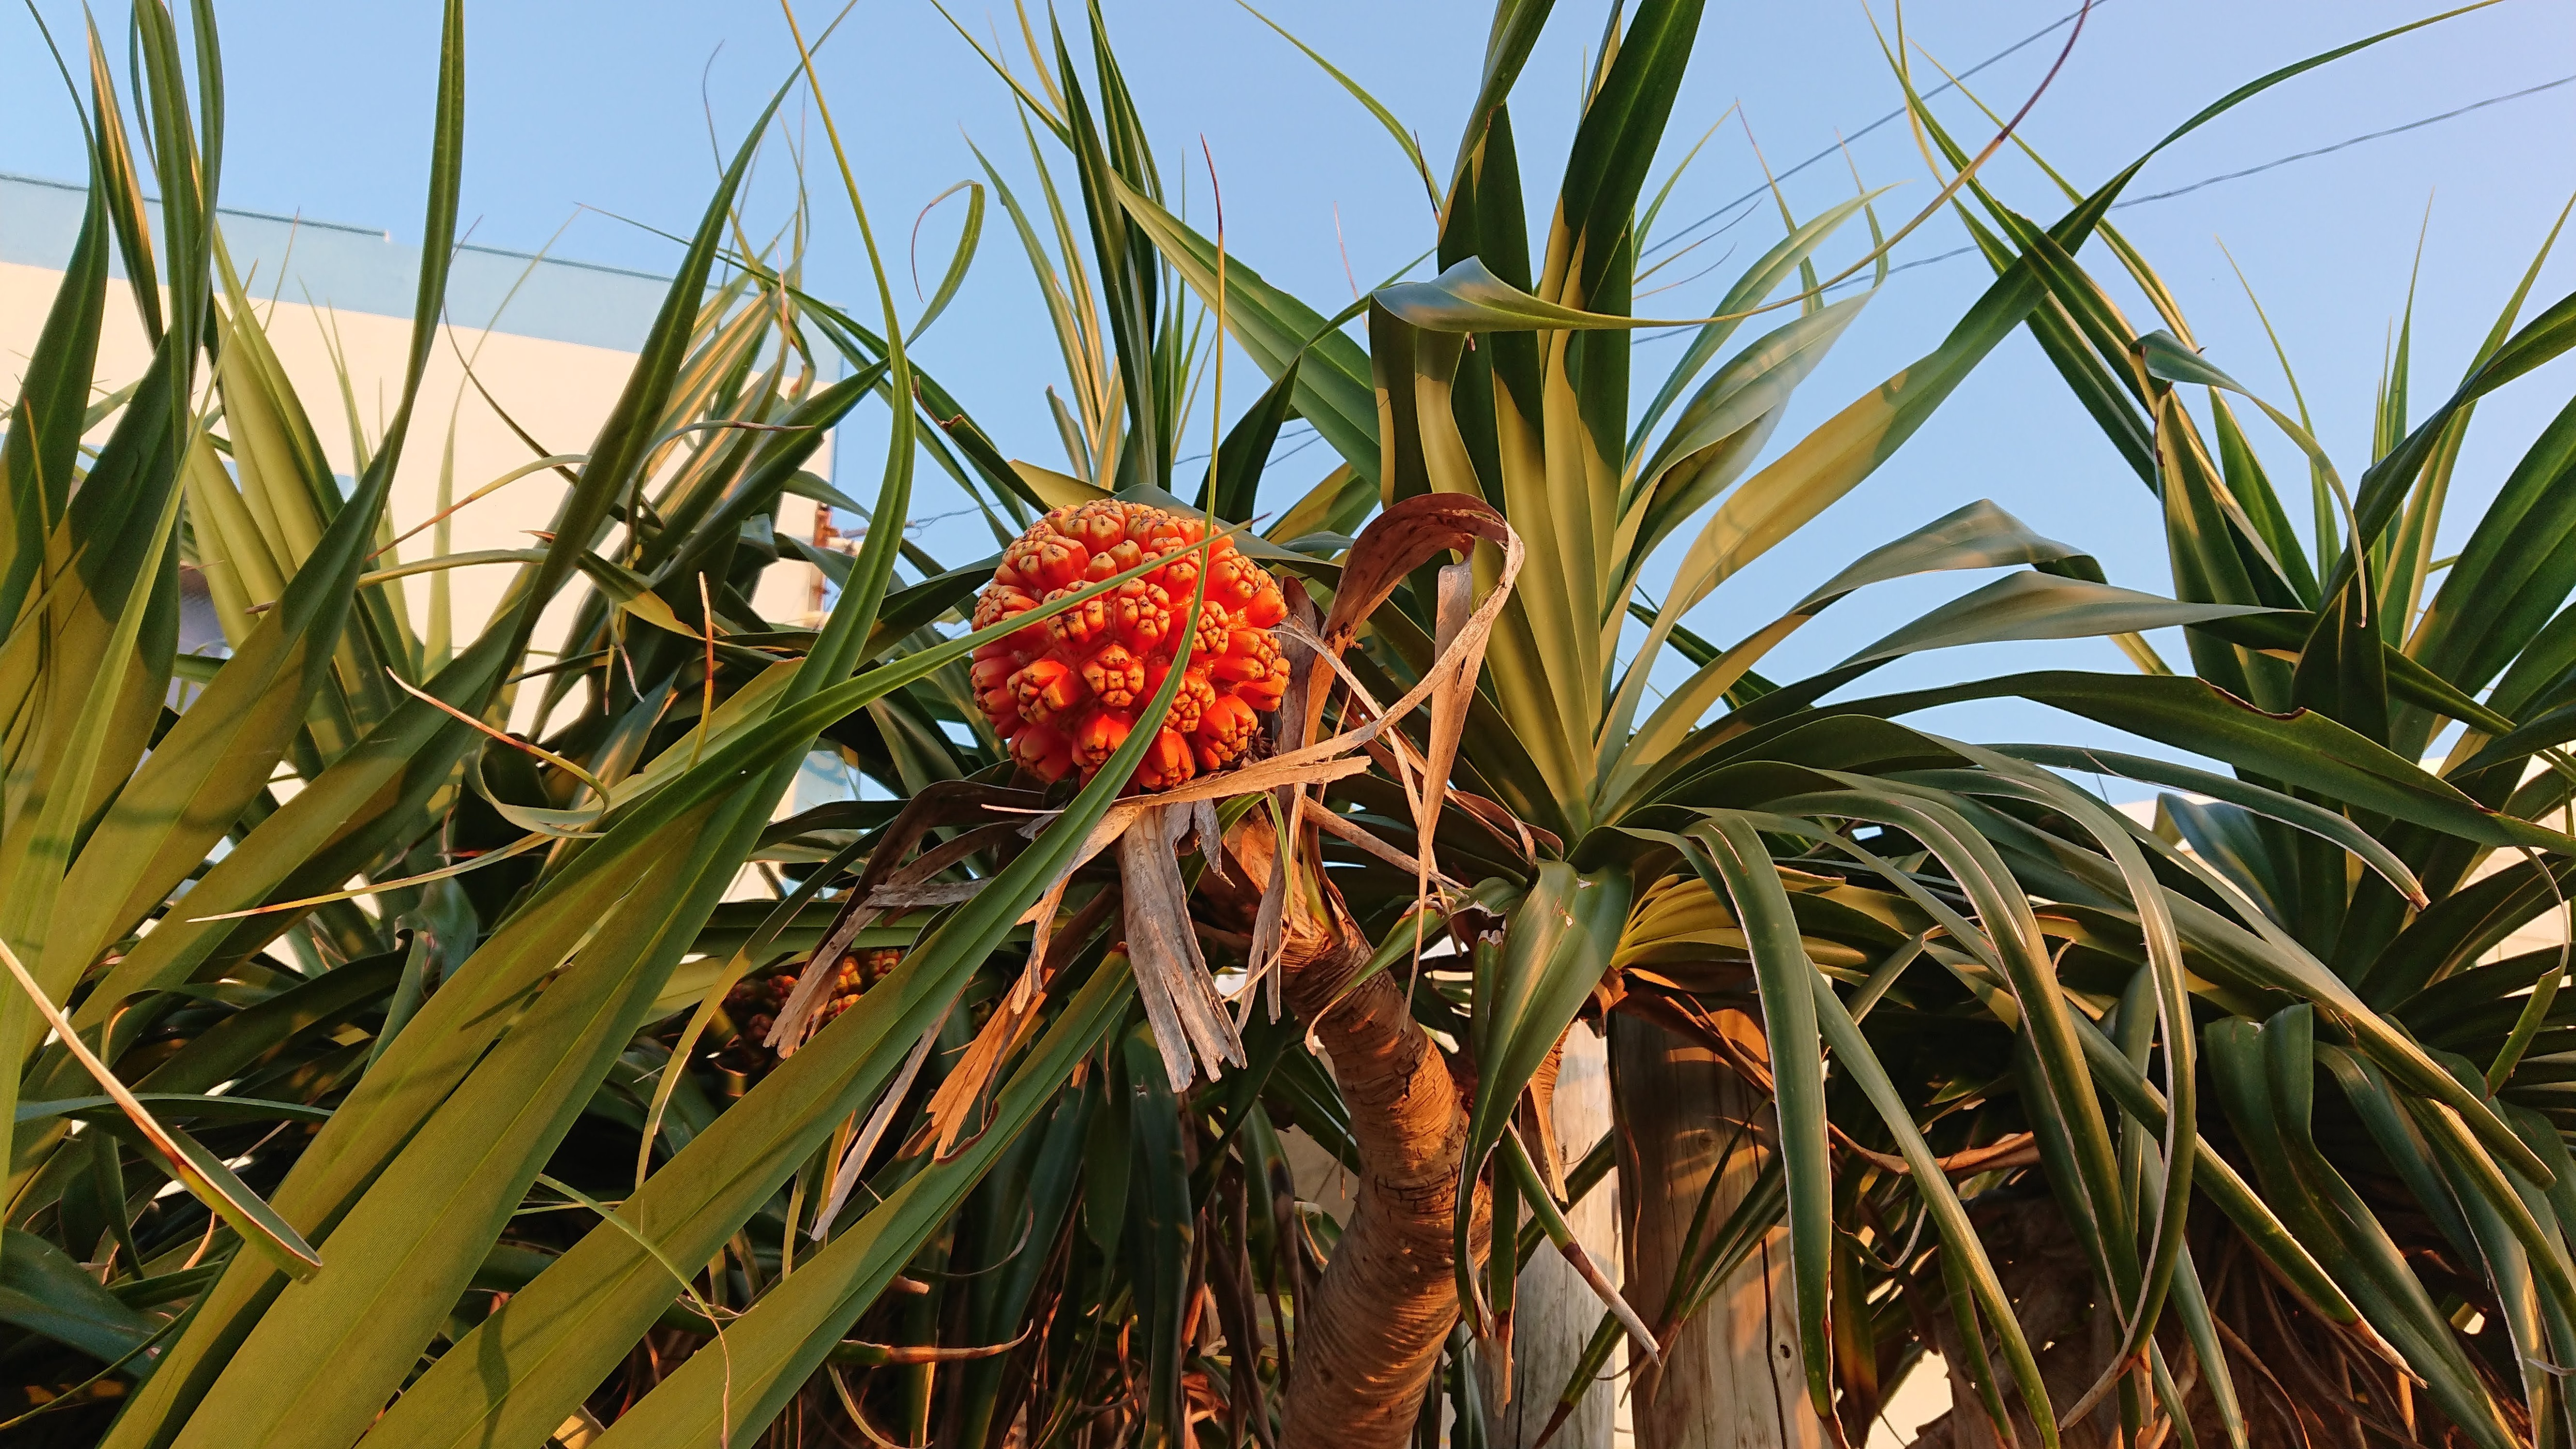 奄美群島認定エコツアーガイドがご案内する与論島内巡りツアー「午後コース」【現地決済のみ】のイメージその2